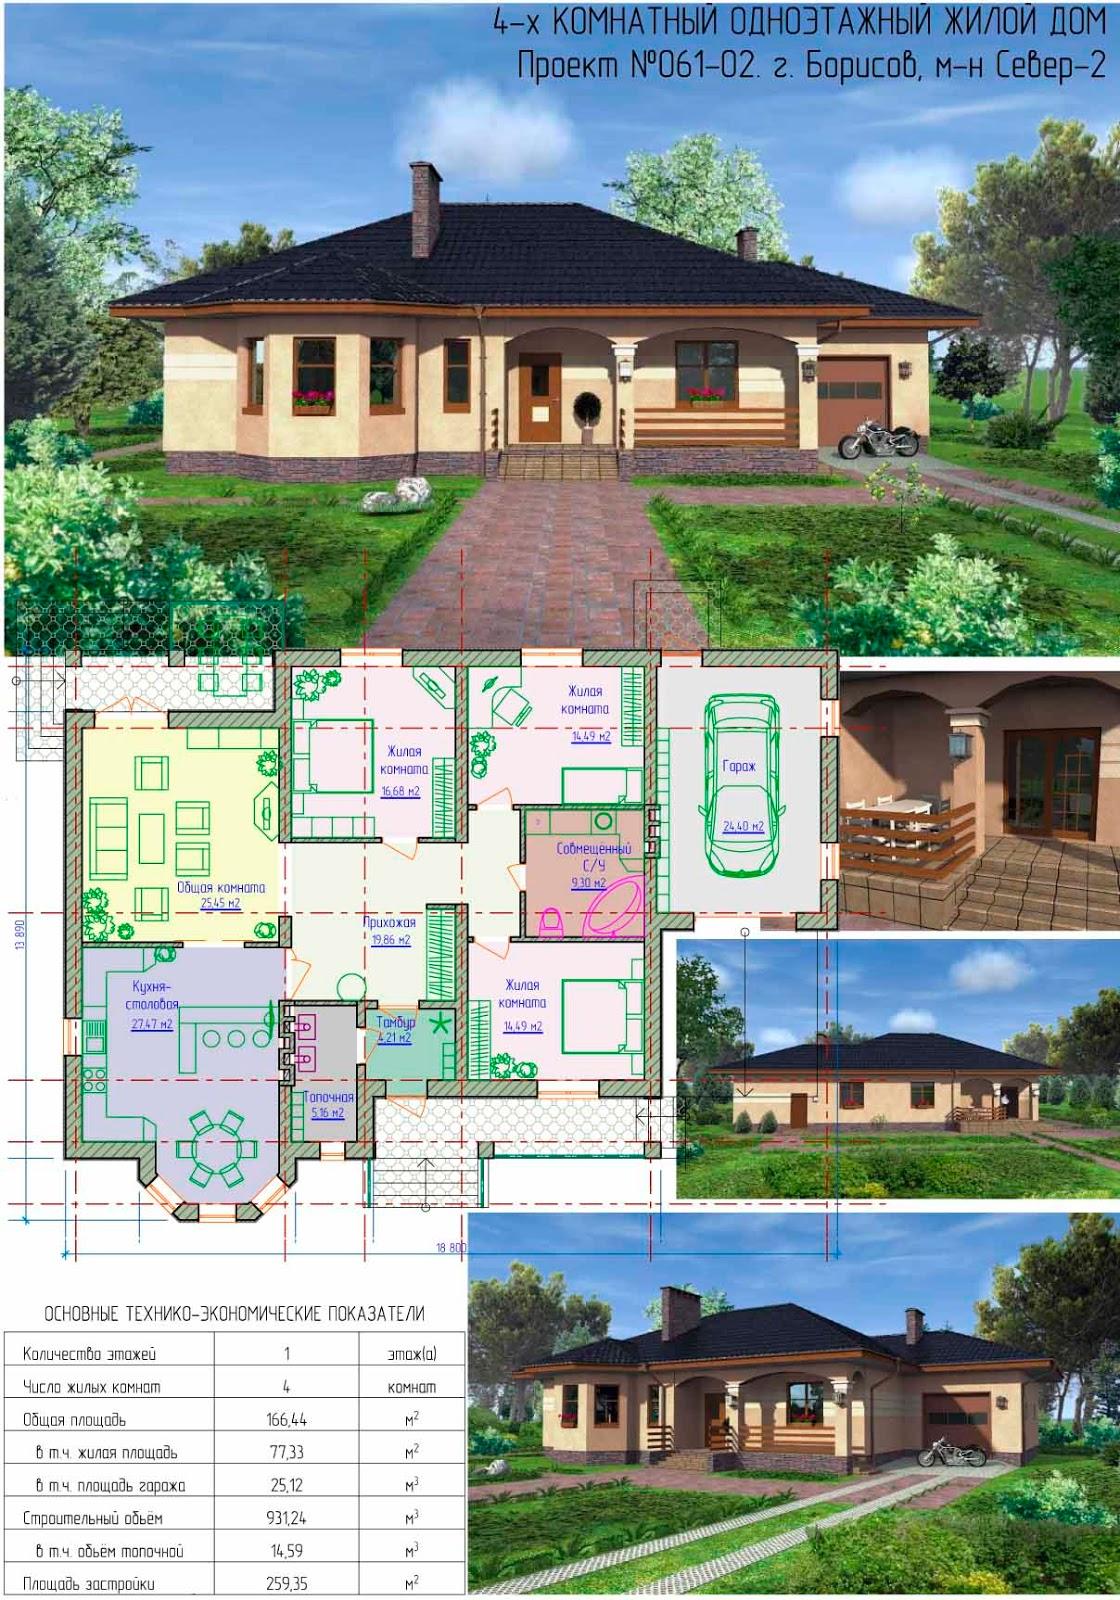 Строительство домов в Белгороде под ключ Проекты домов